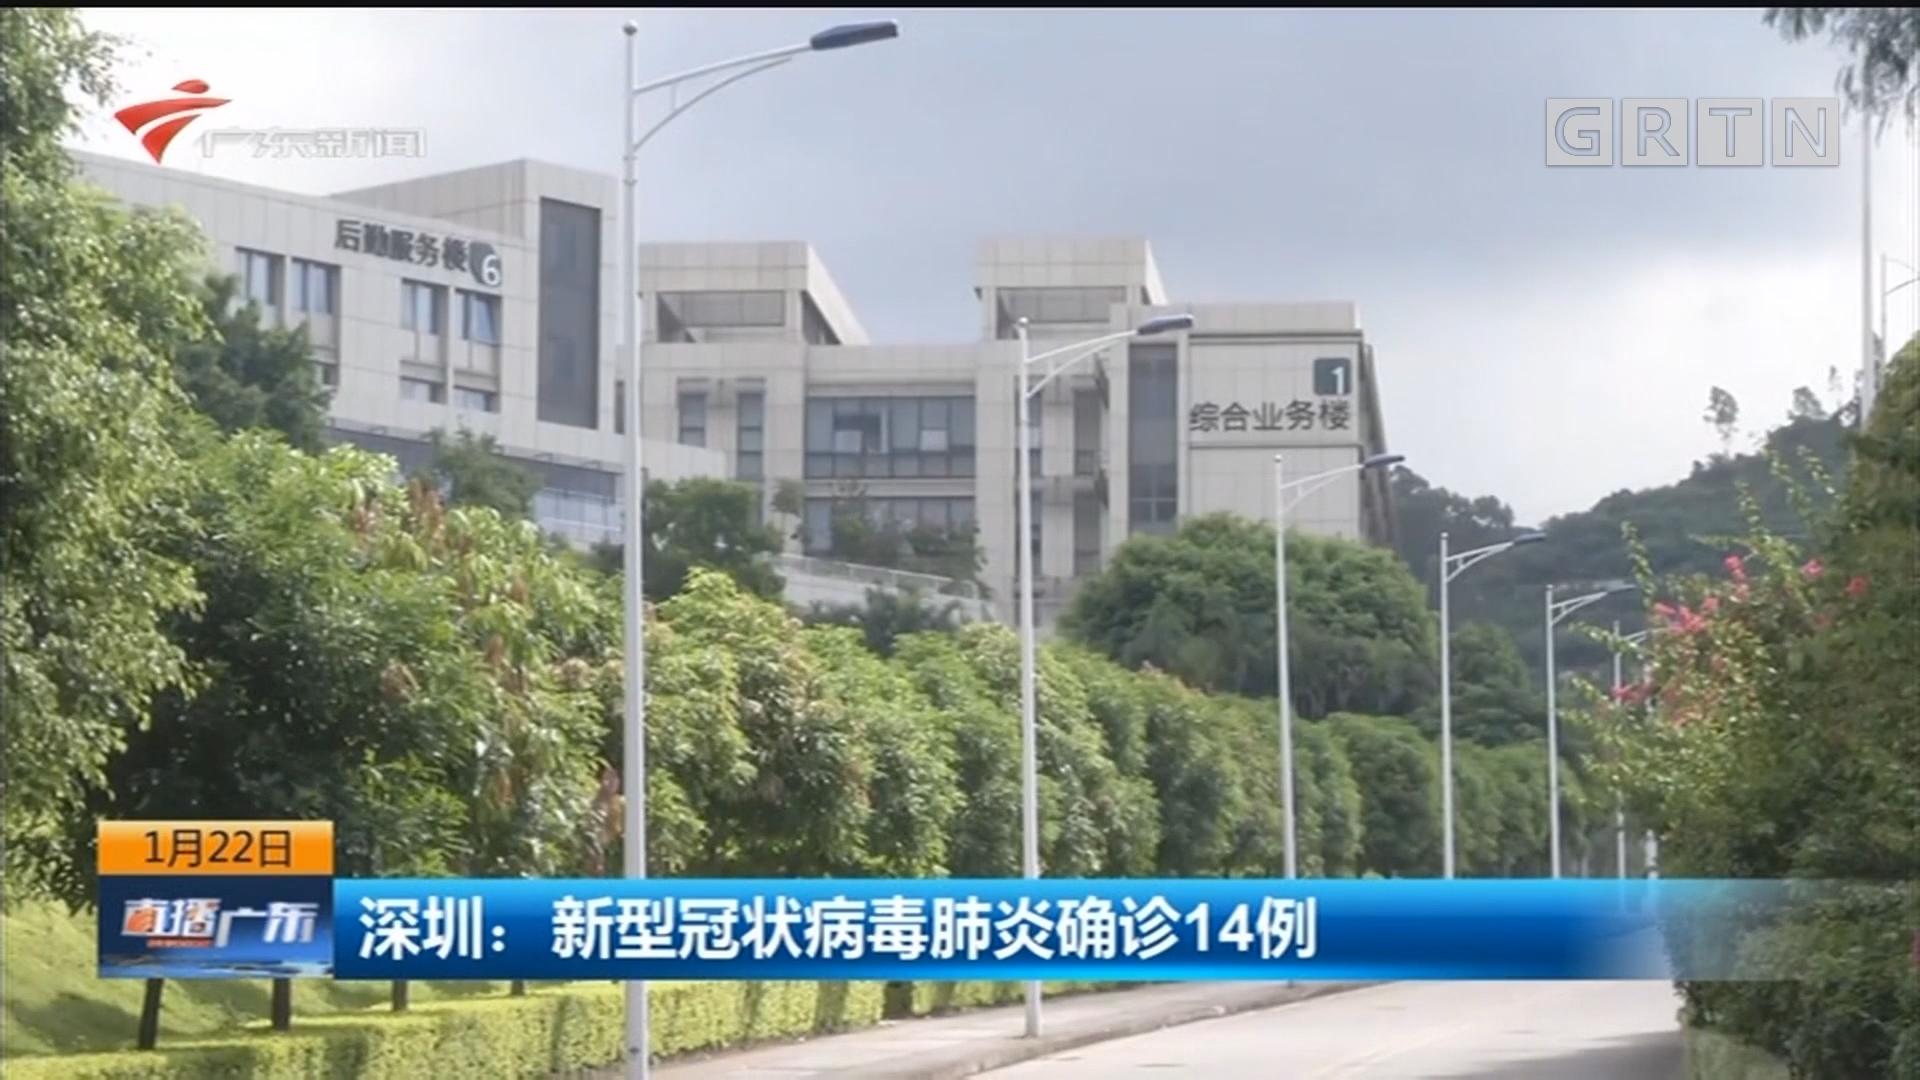 深圳:新型冠状病毒肺炎确诊14例